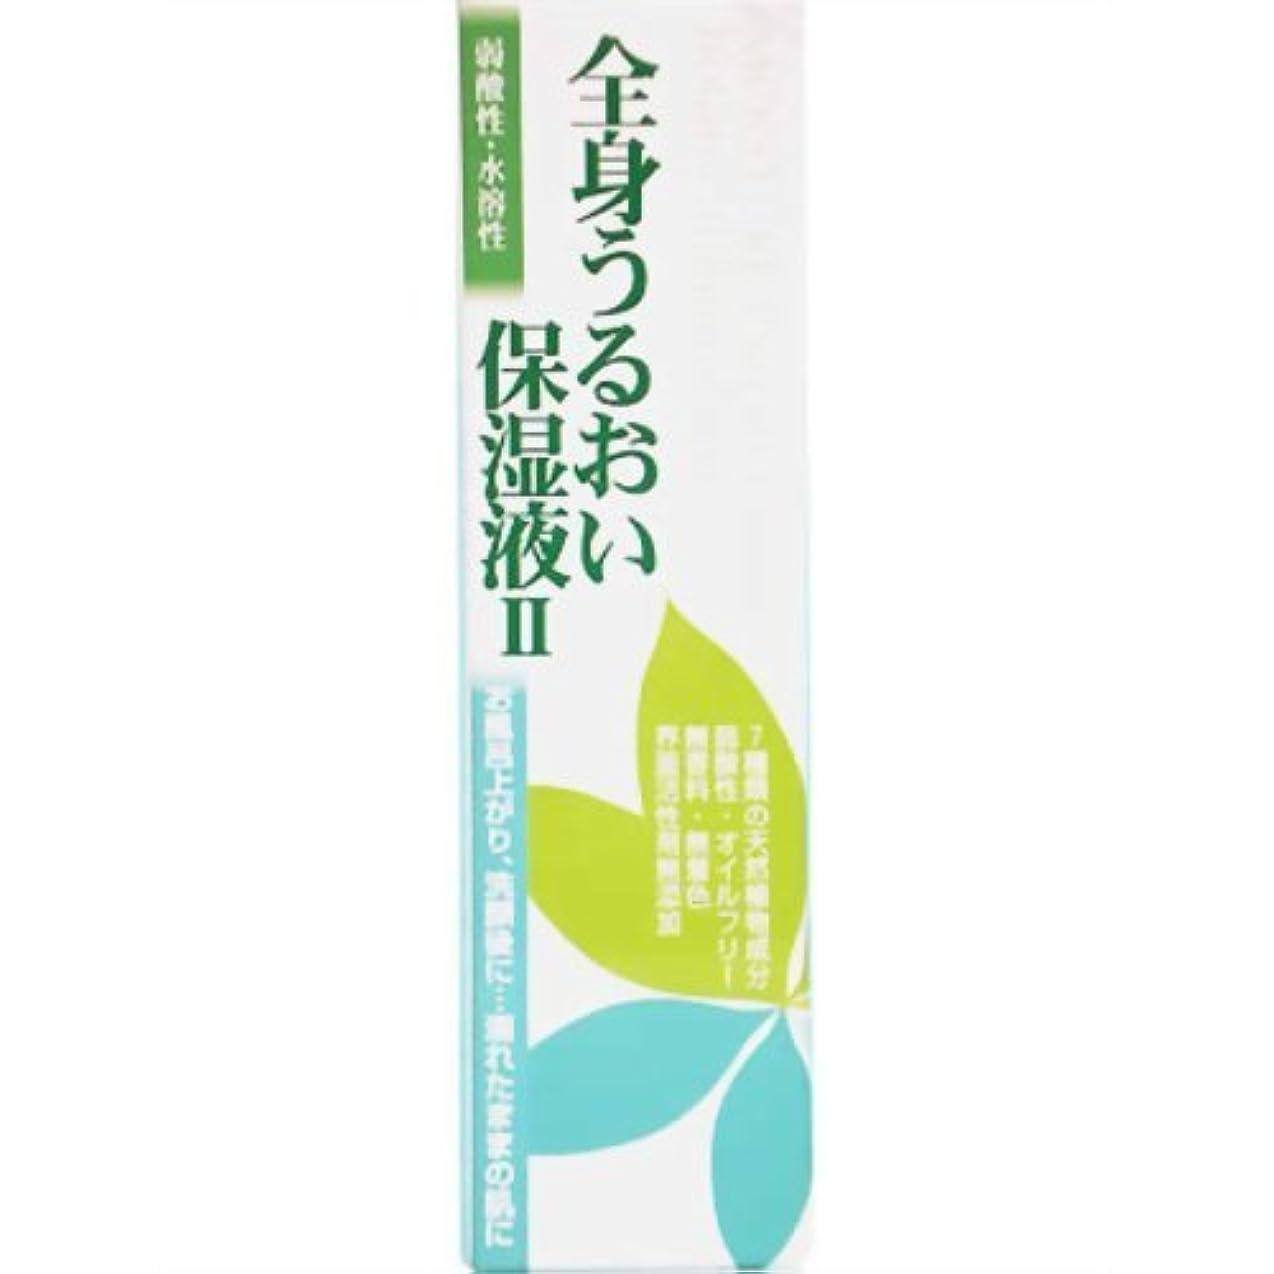 くぼみ必要としているリズム全身うるおい保湿液(まろやか薬用スキントリートメント) 250ml